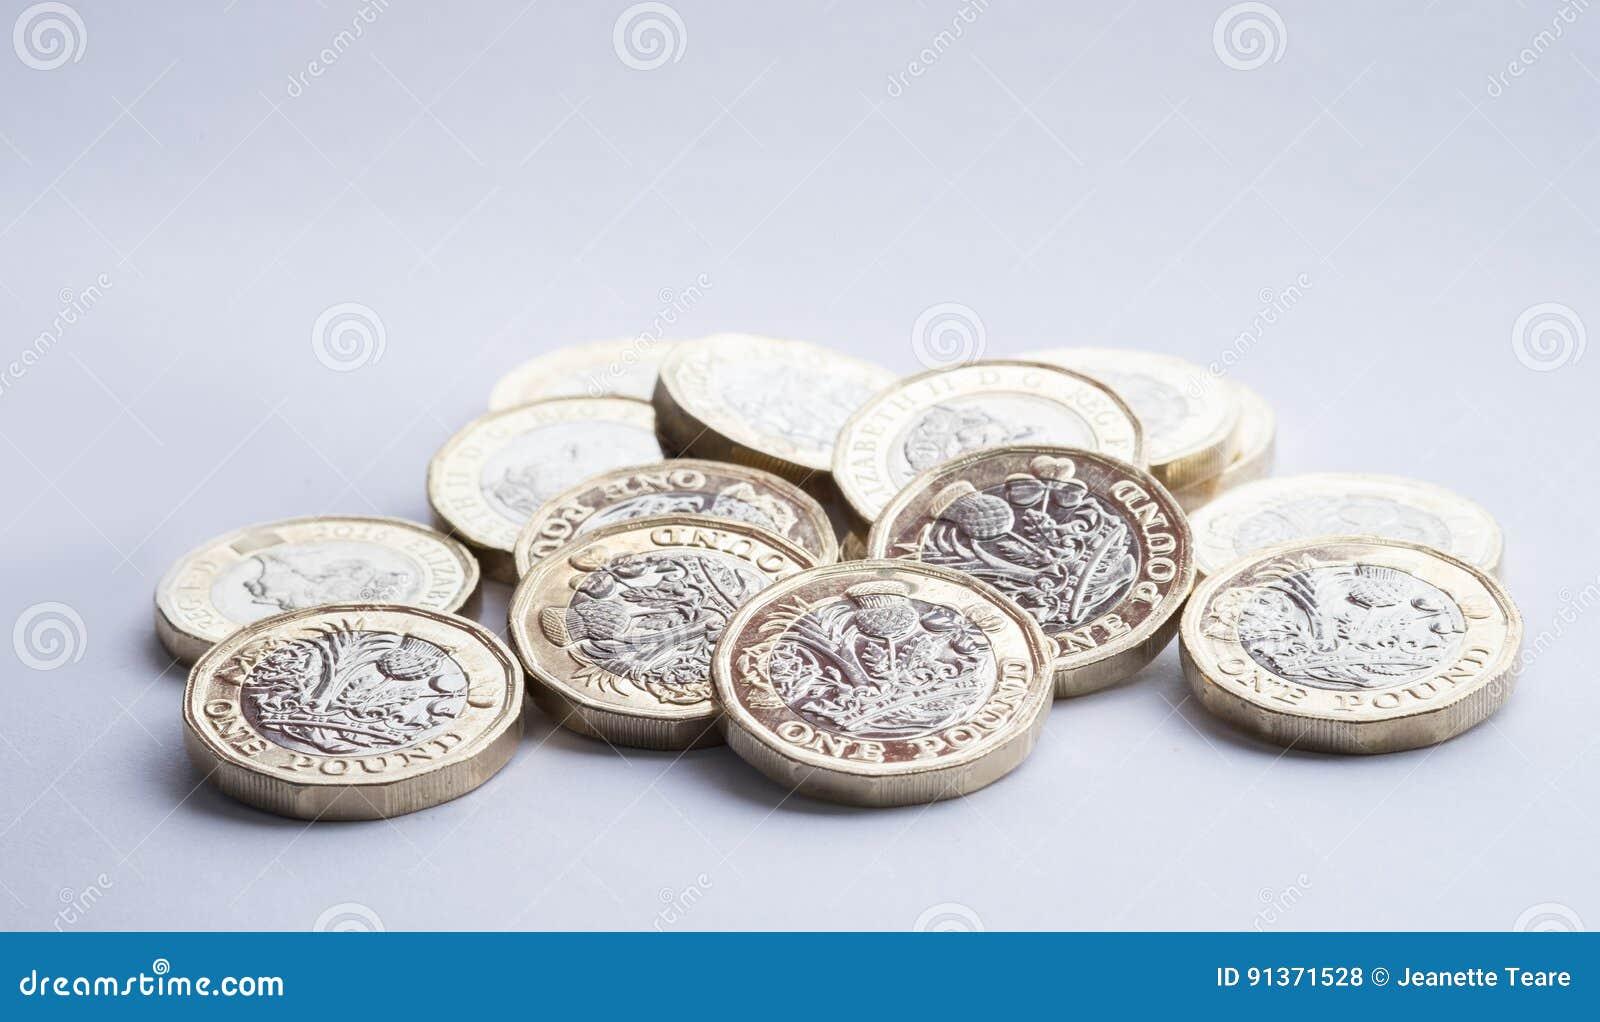 Βρετανικά χρήματα, νέα νομίσματα λιβρών στο μικρό σωρό